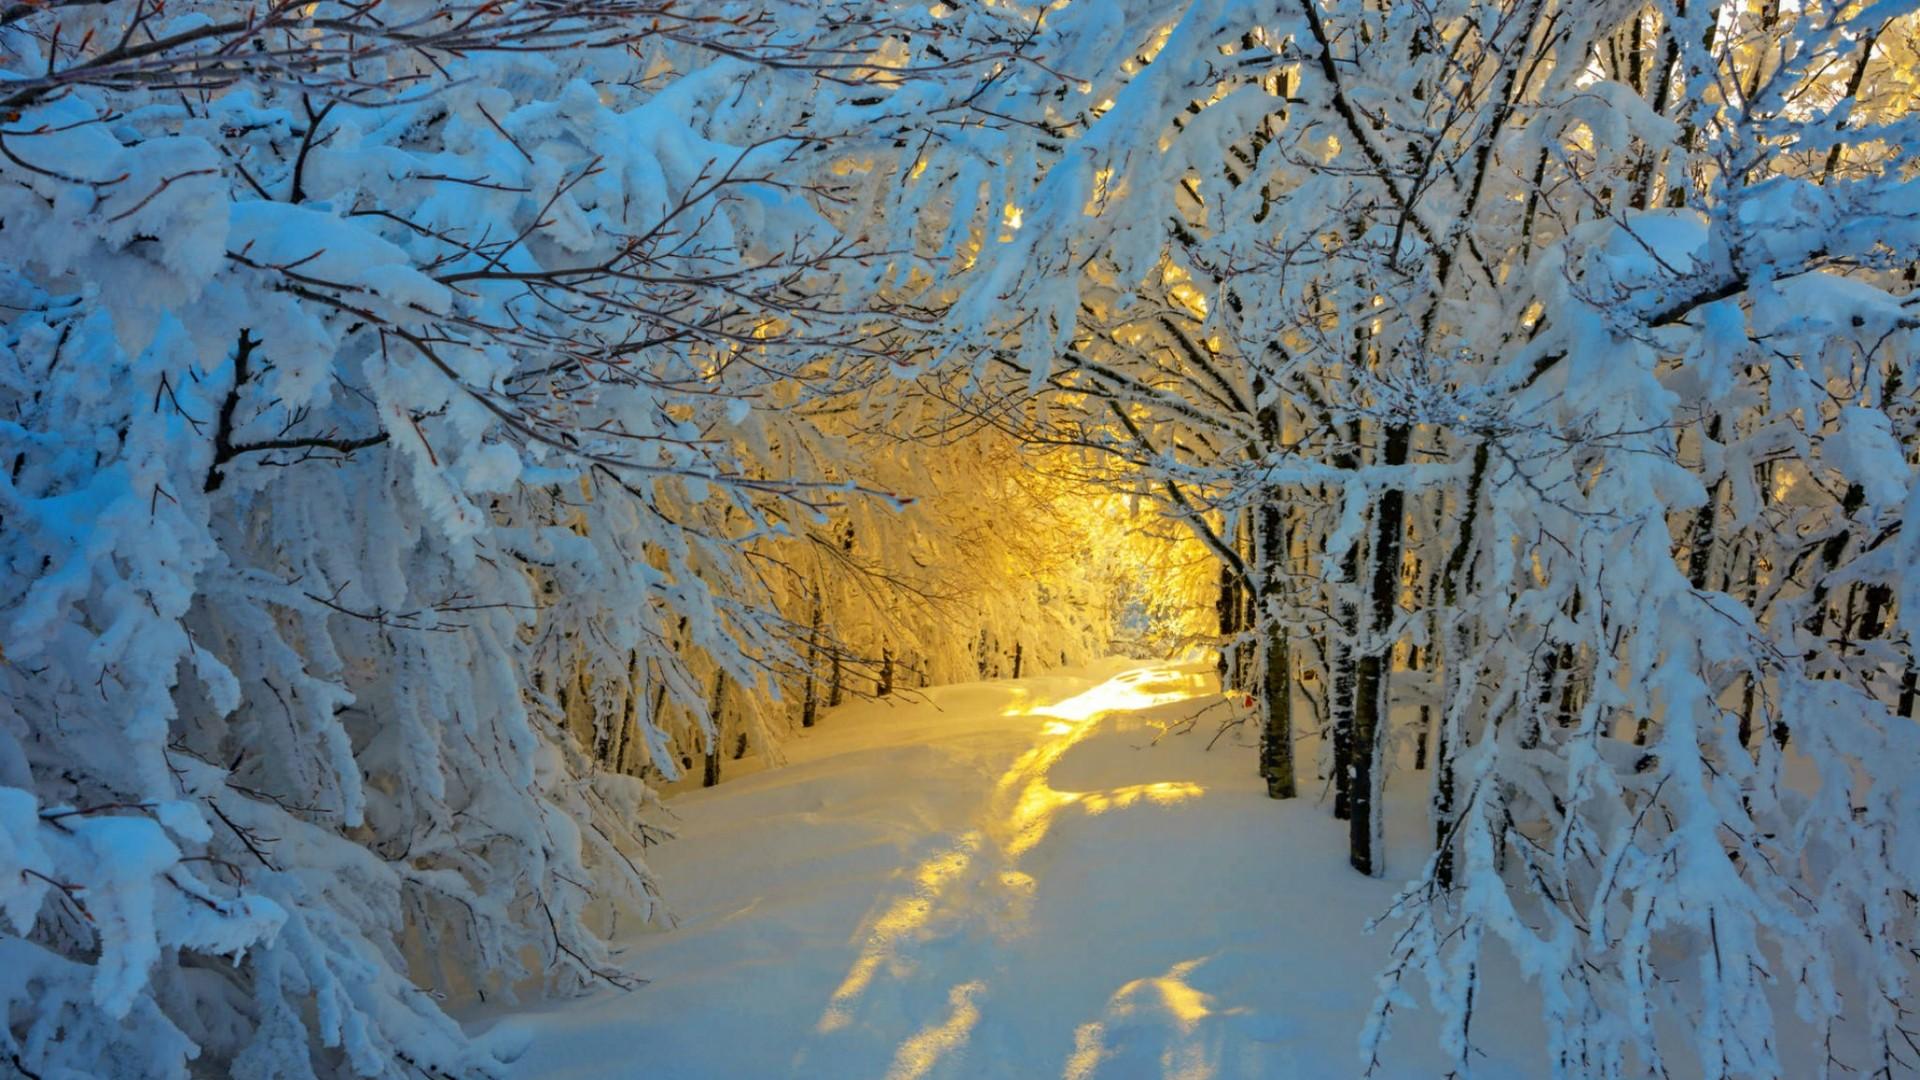 Snowy Path In Winter Sunlight Wallpaper | Wallpaper Studio 10 | Tens ...